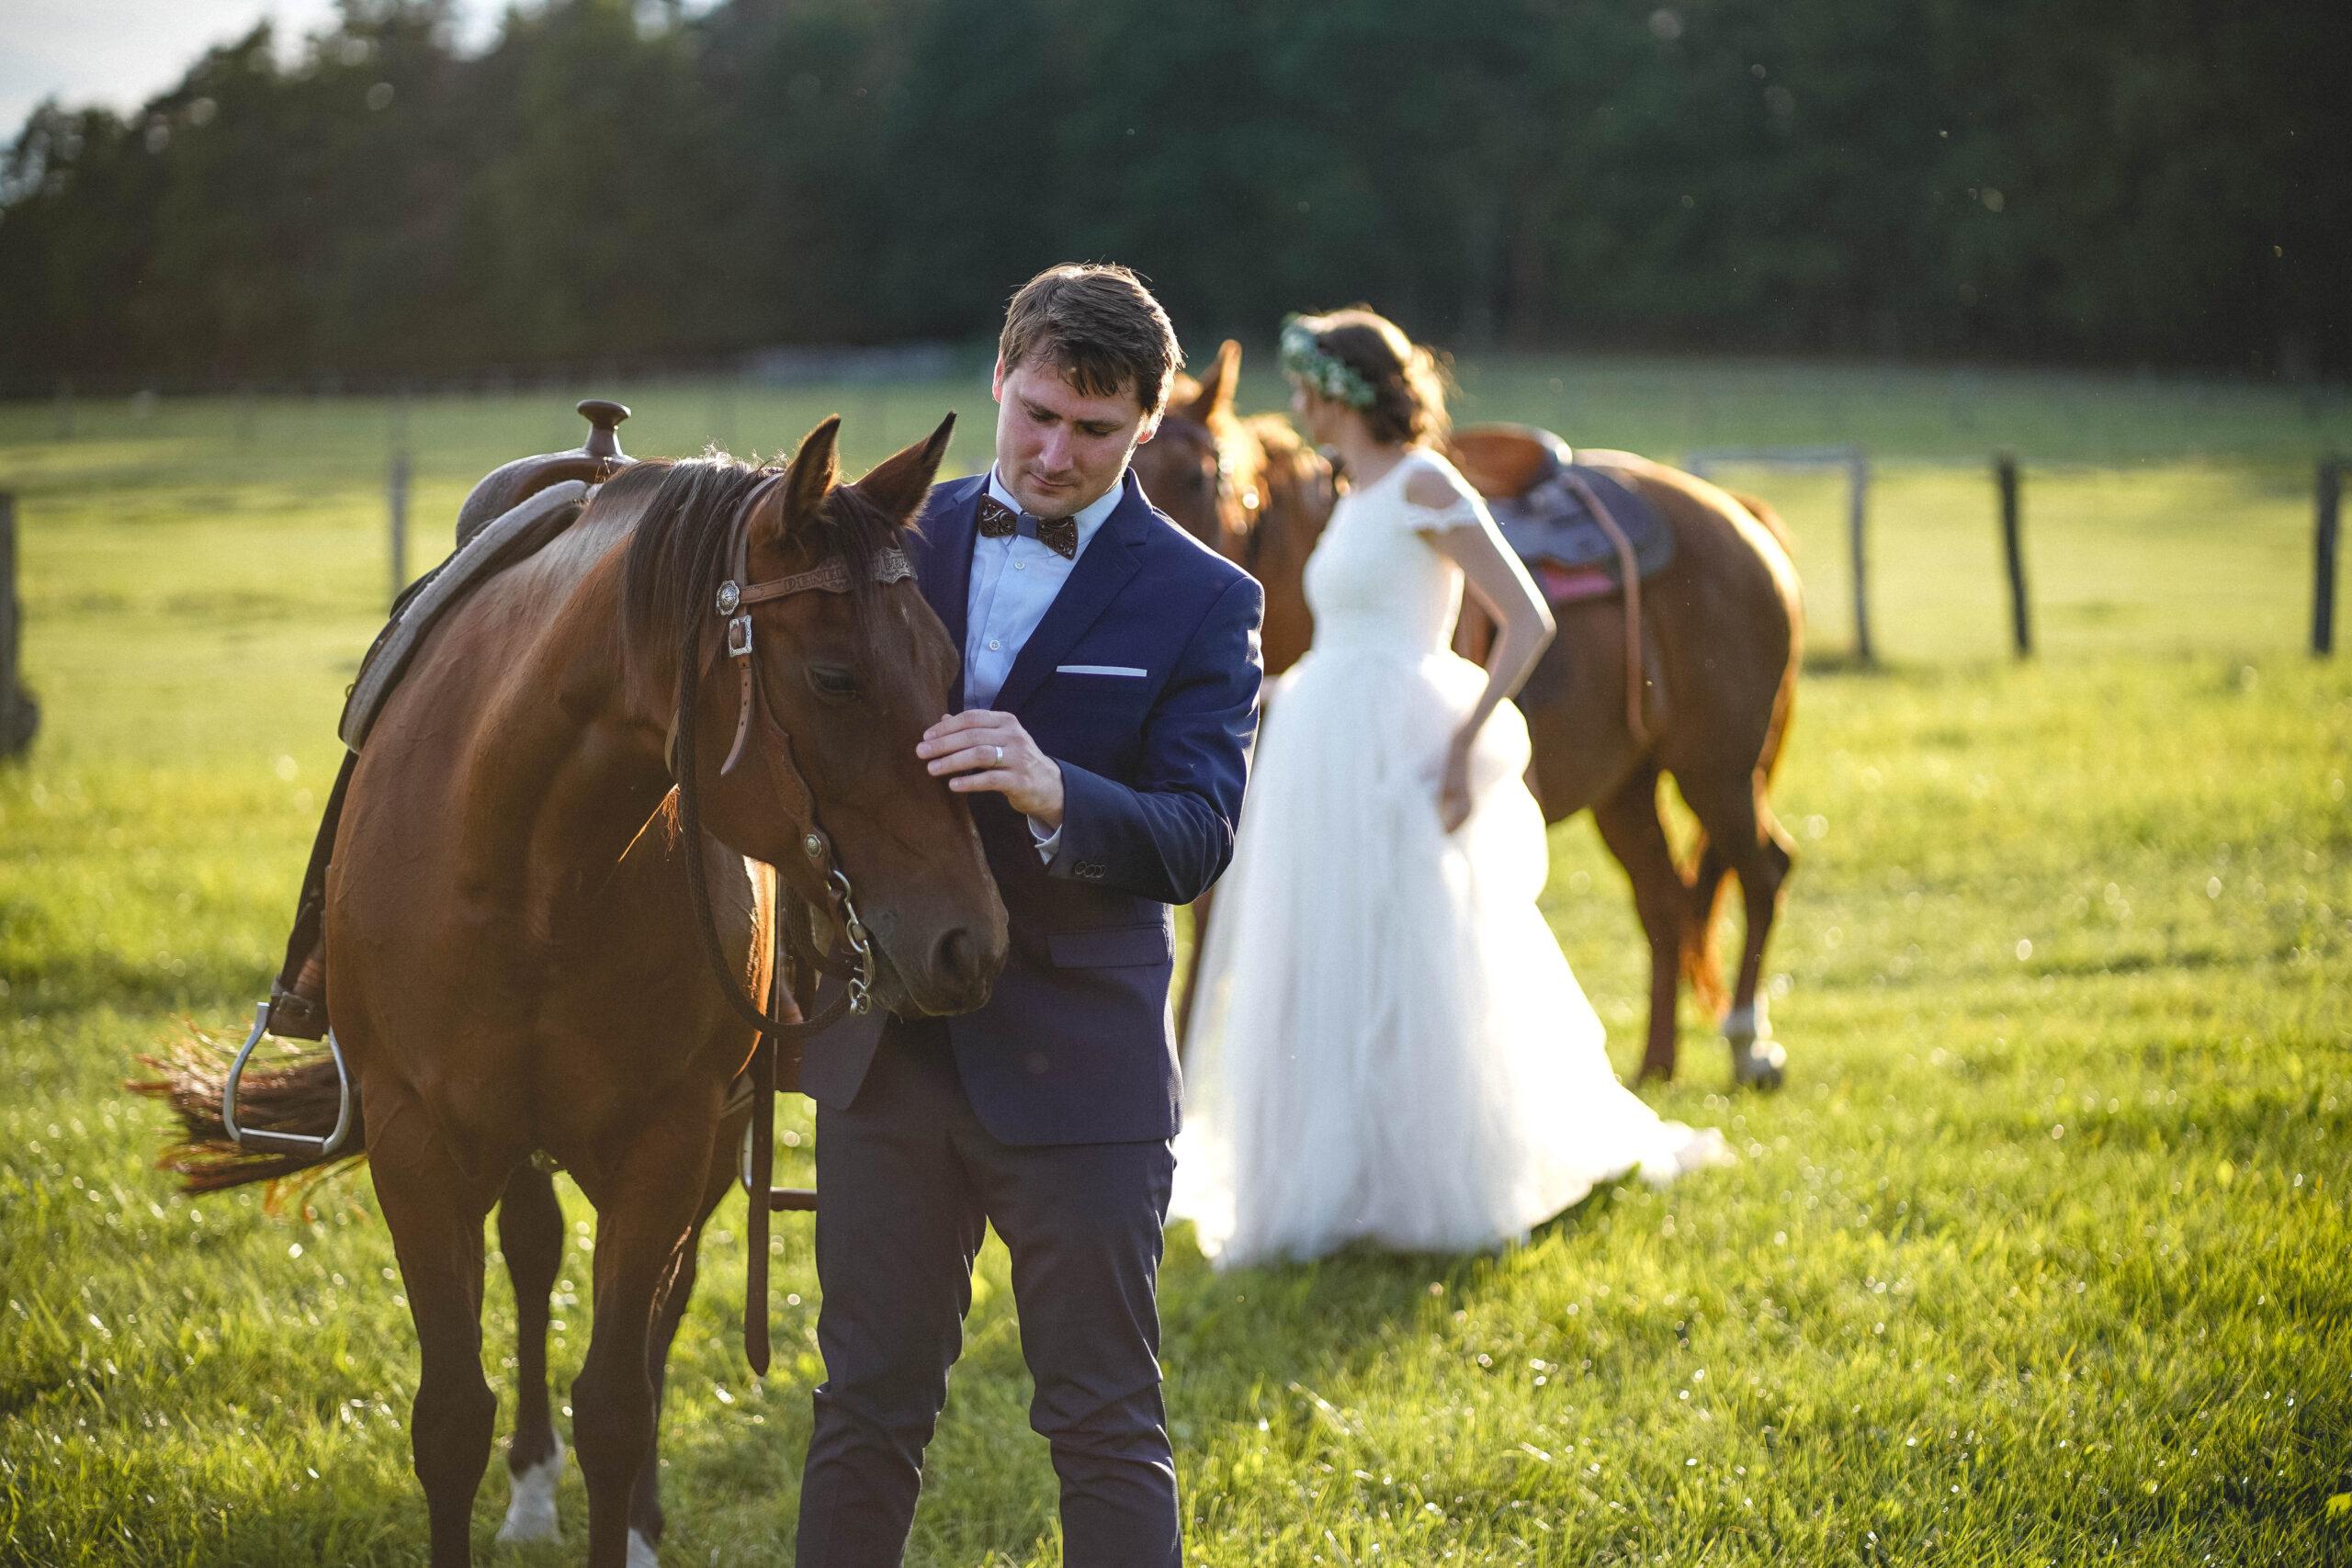 Nevěsta s ženichem se chystají na prijížďku na koních.